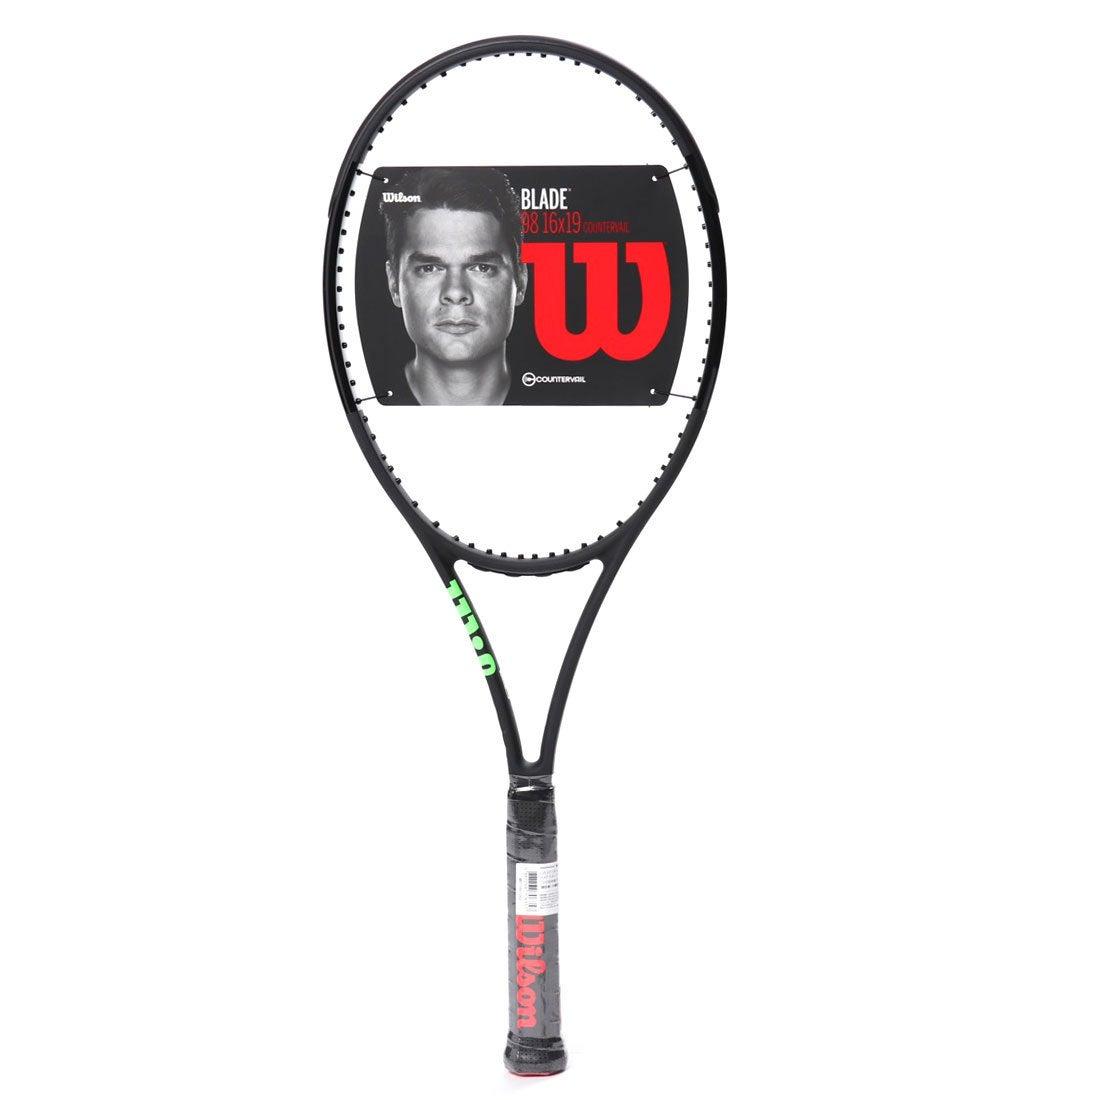 ウィルソン(Wilson) BLADE ブラックエディション|テニス